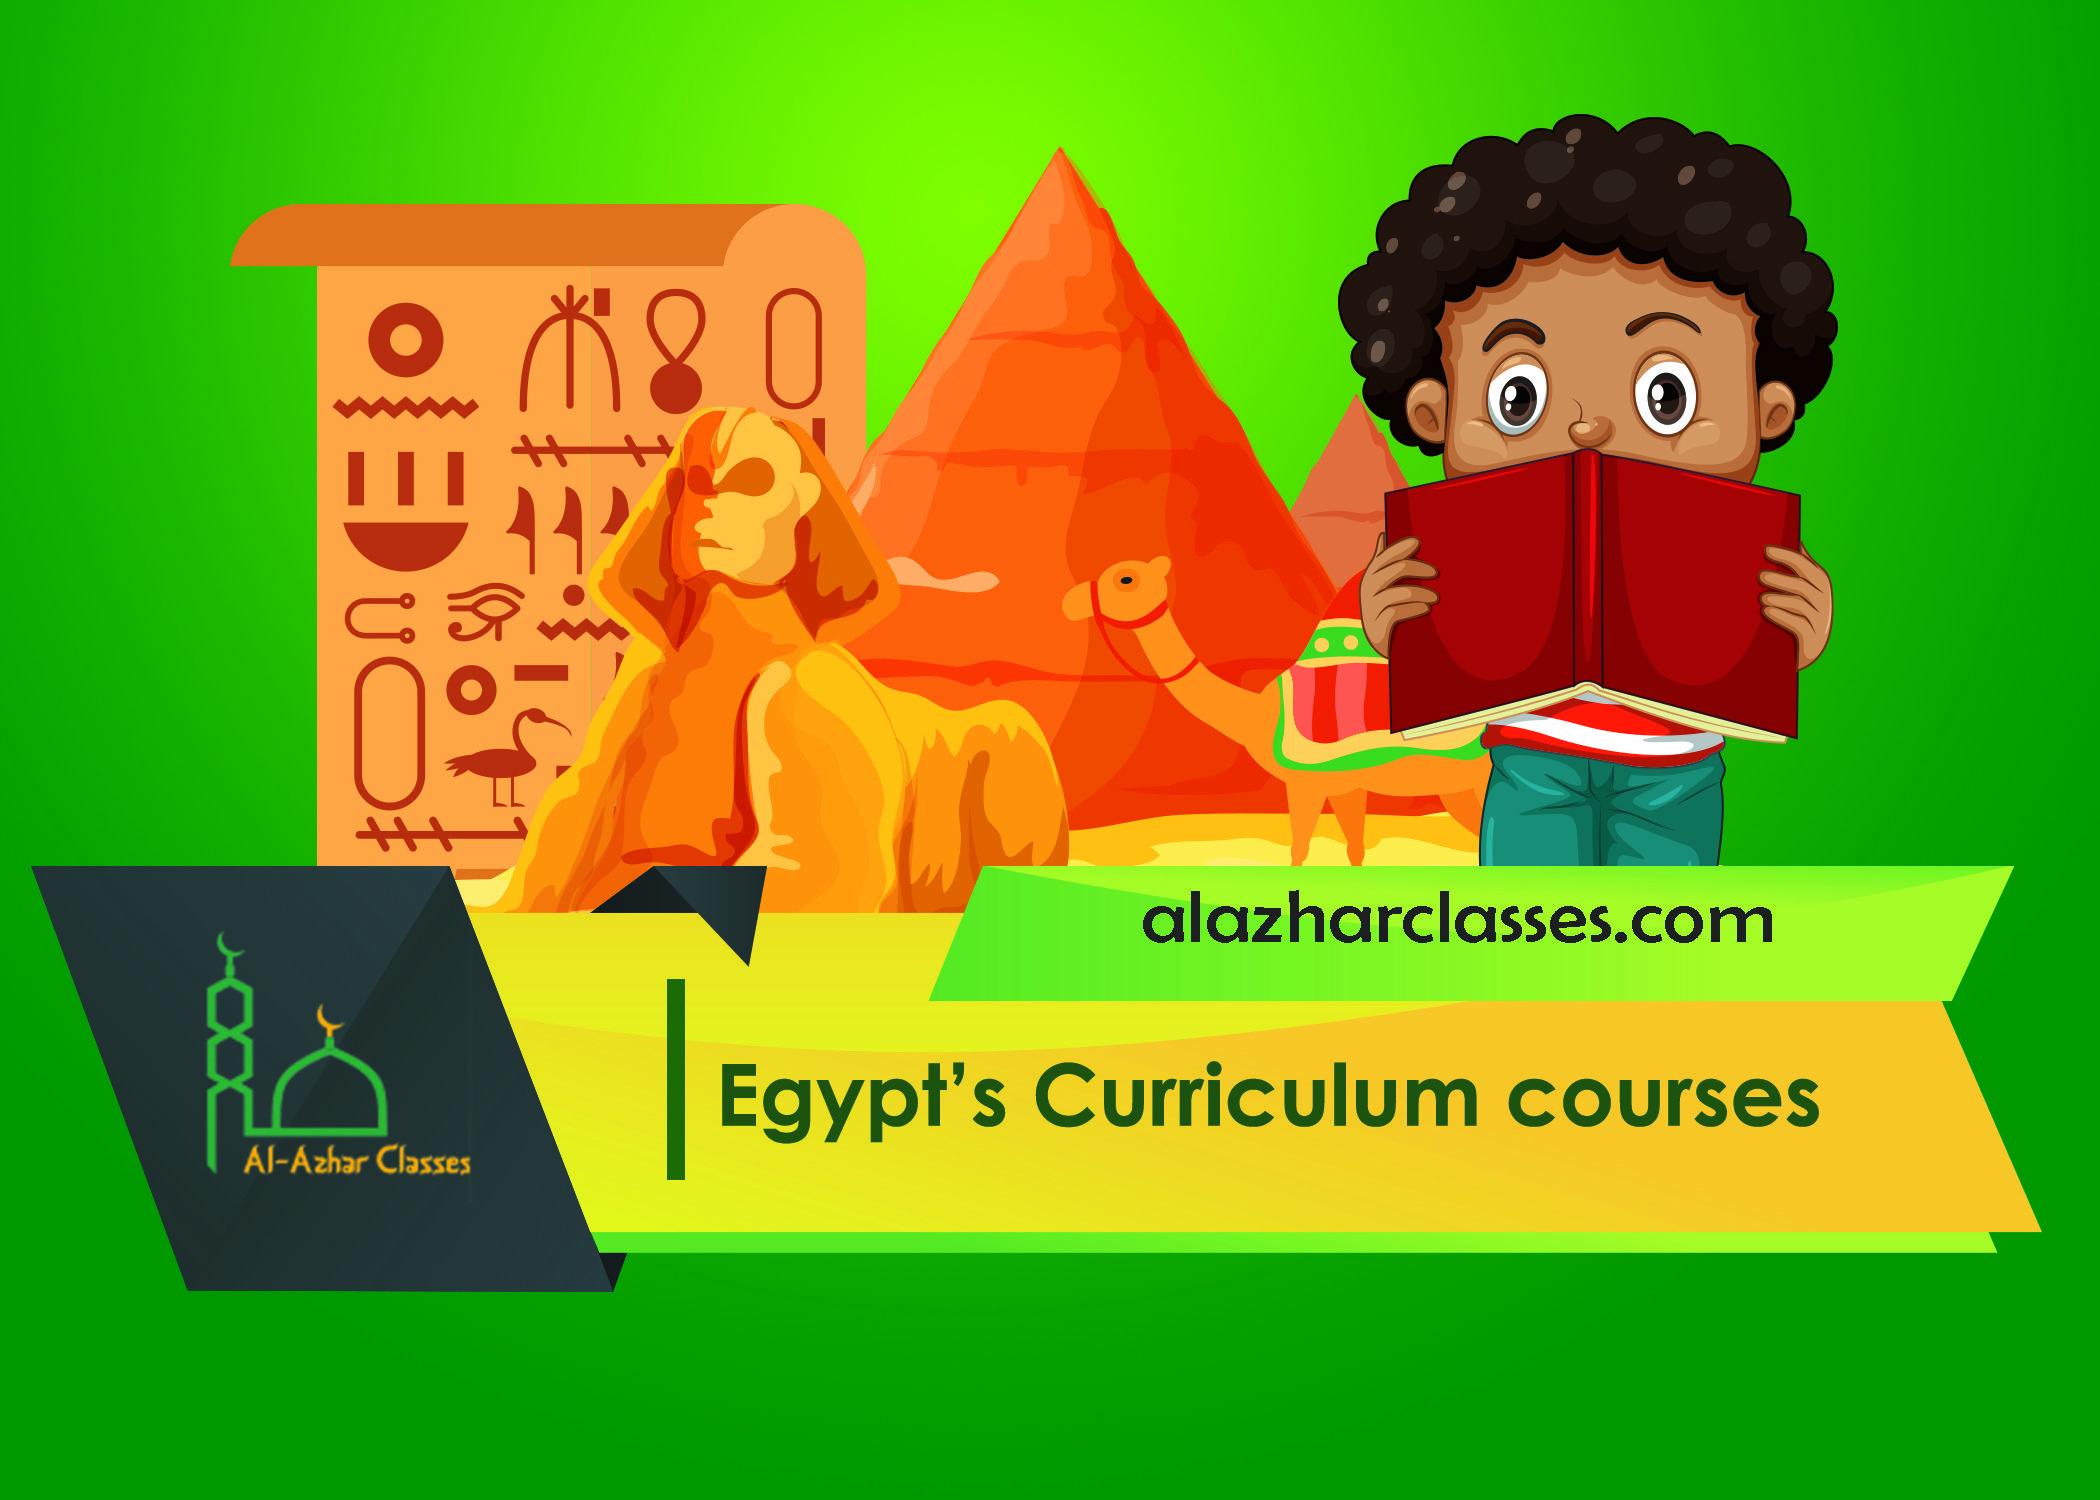 Egypt's Curriculum Courses